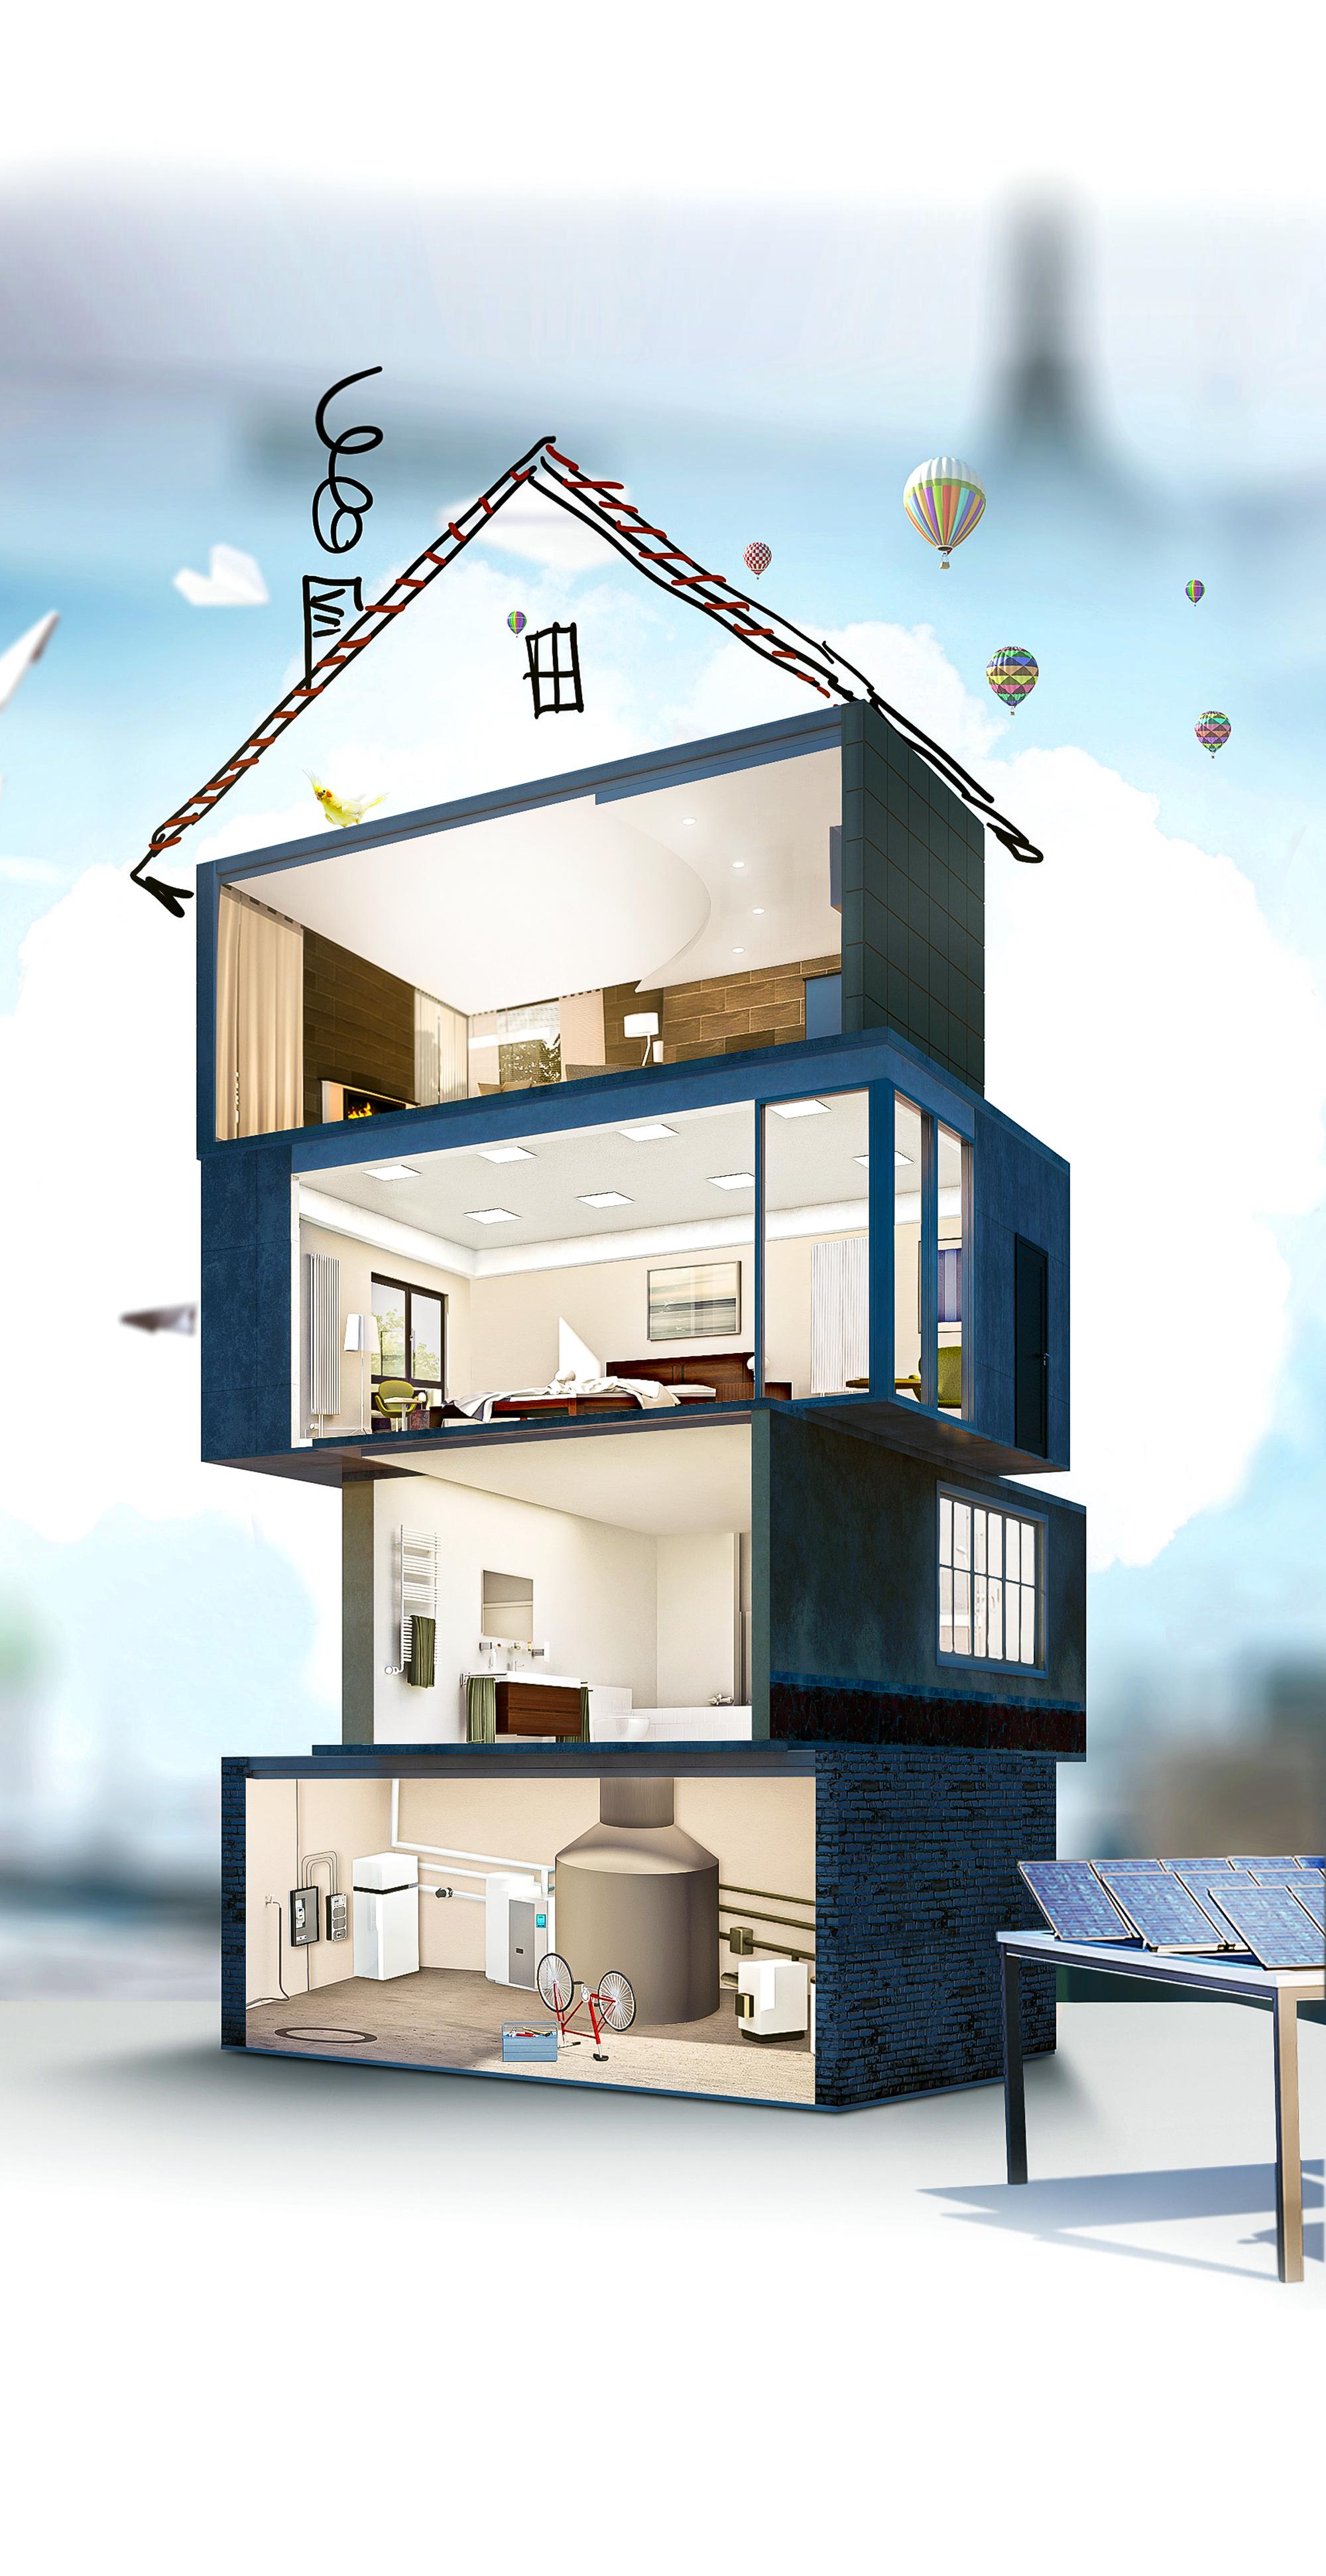 bad waerme licht. Black Bedroom Furniture Sets. Home Design Ideas